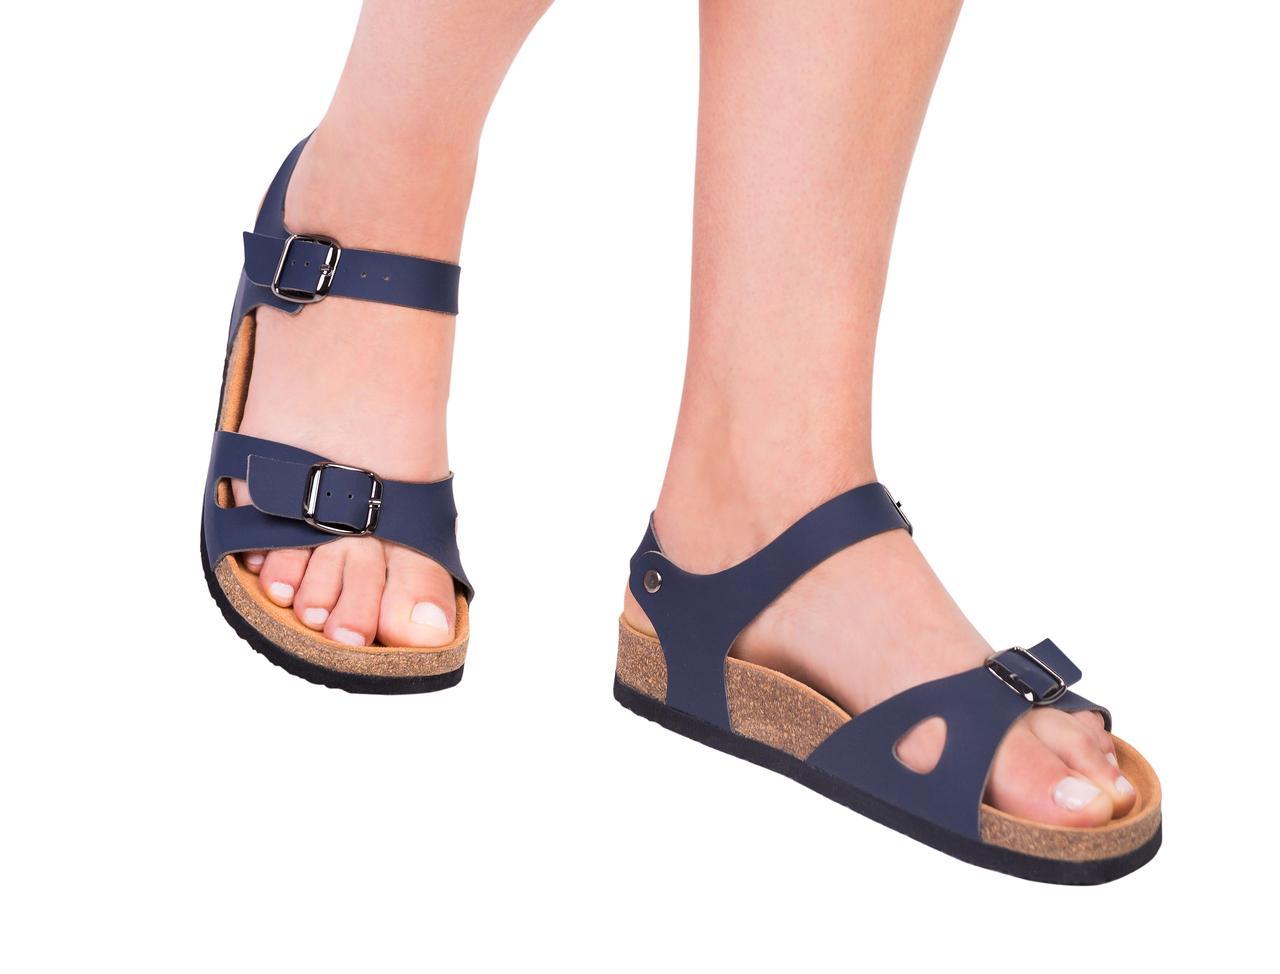 Анатомические сандалии FA-106 синие